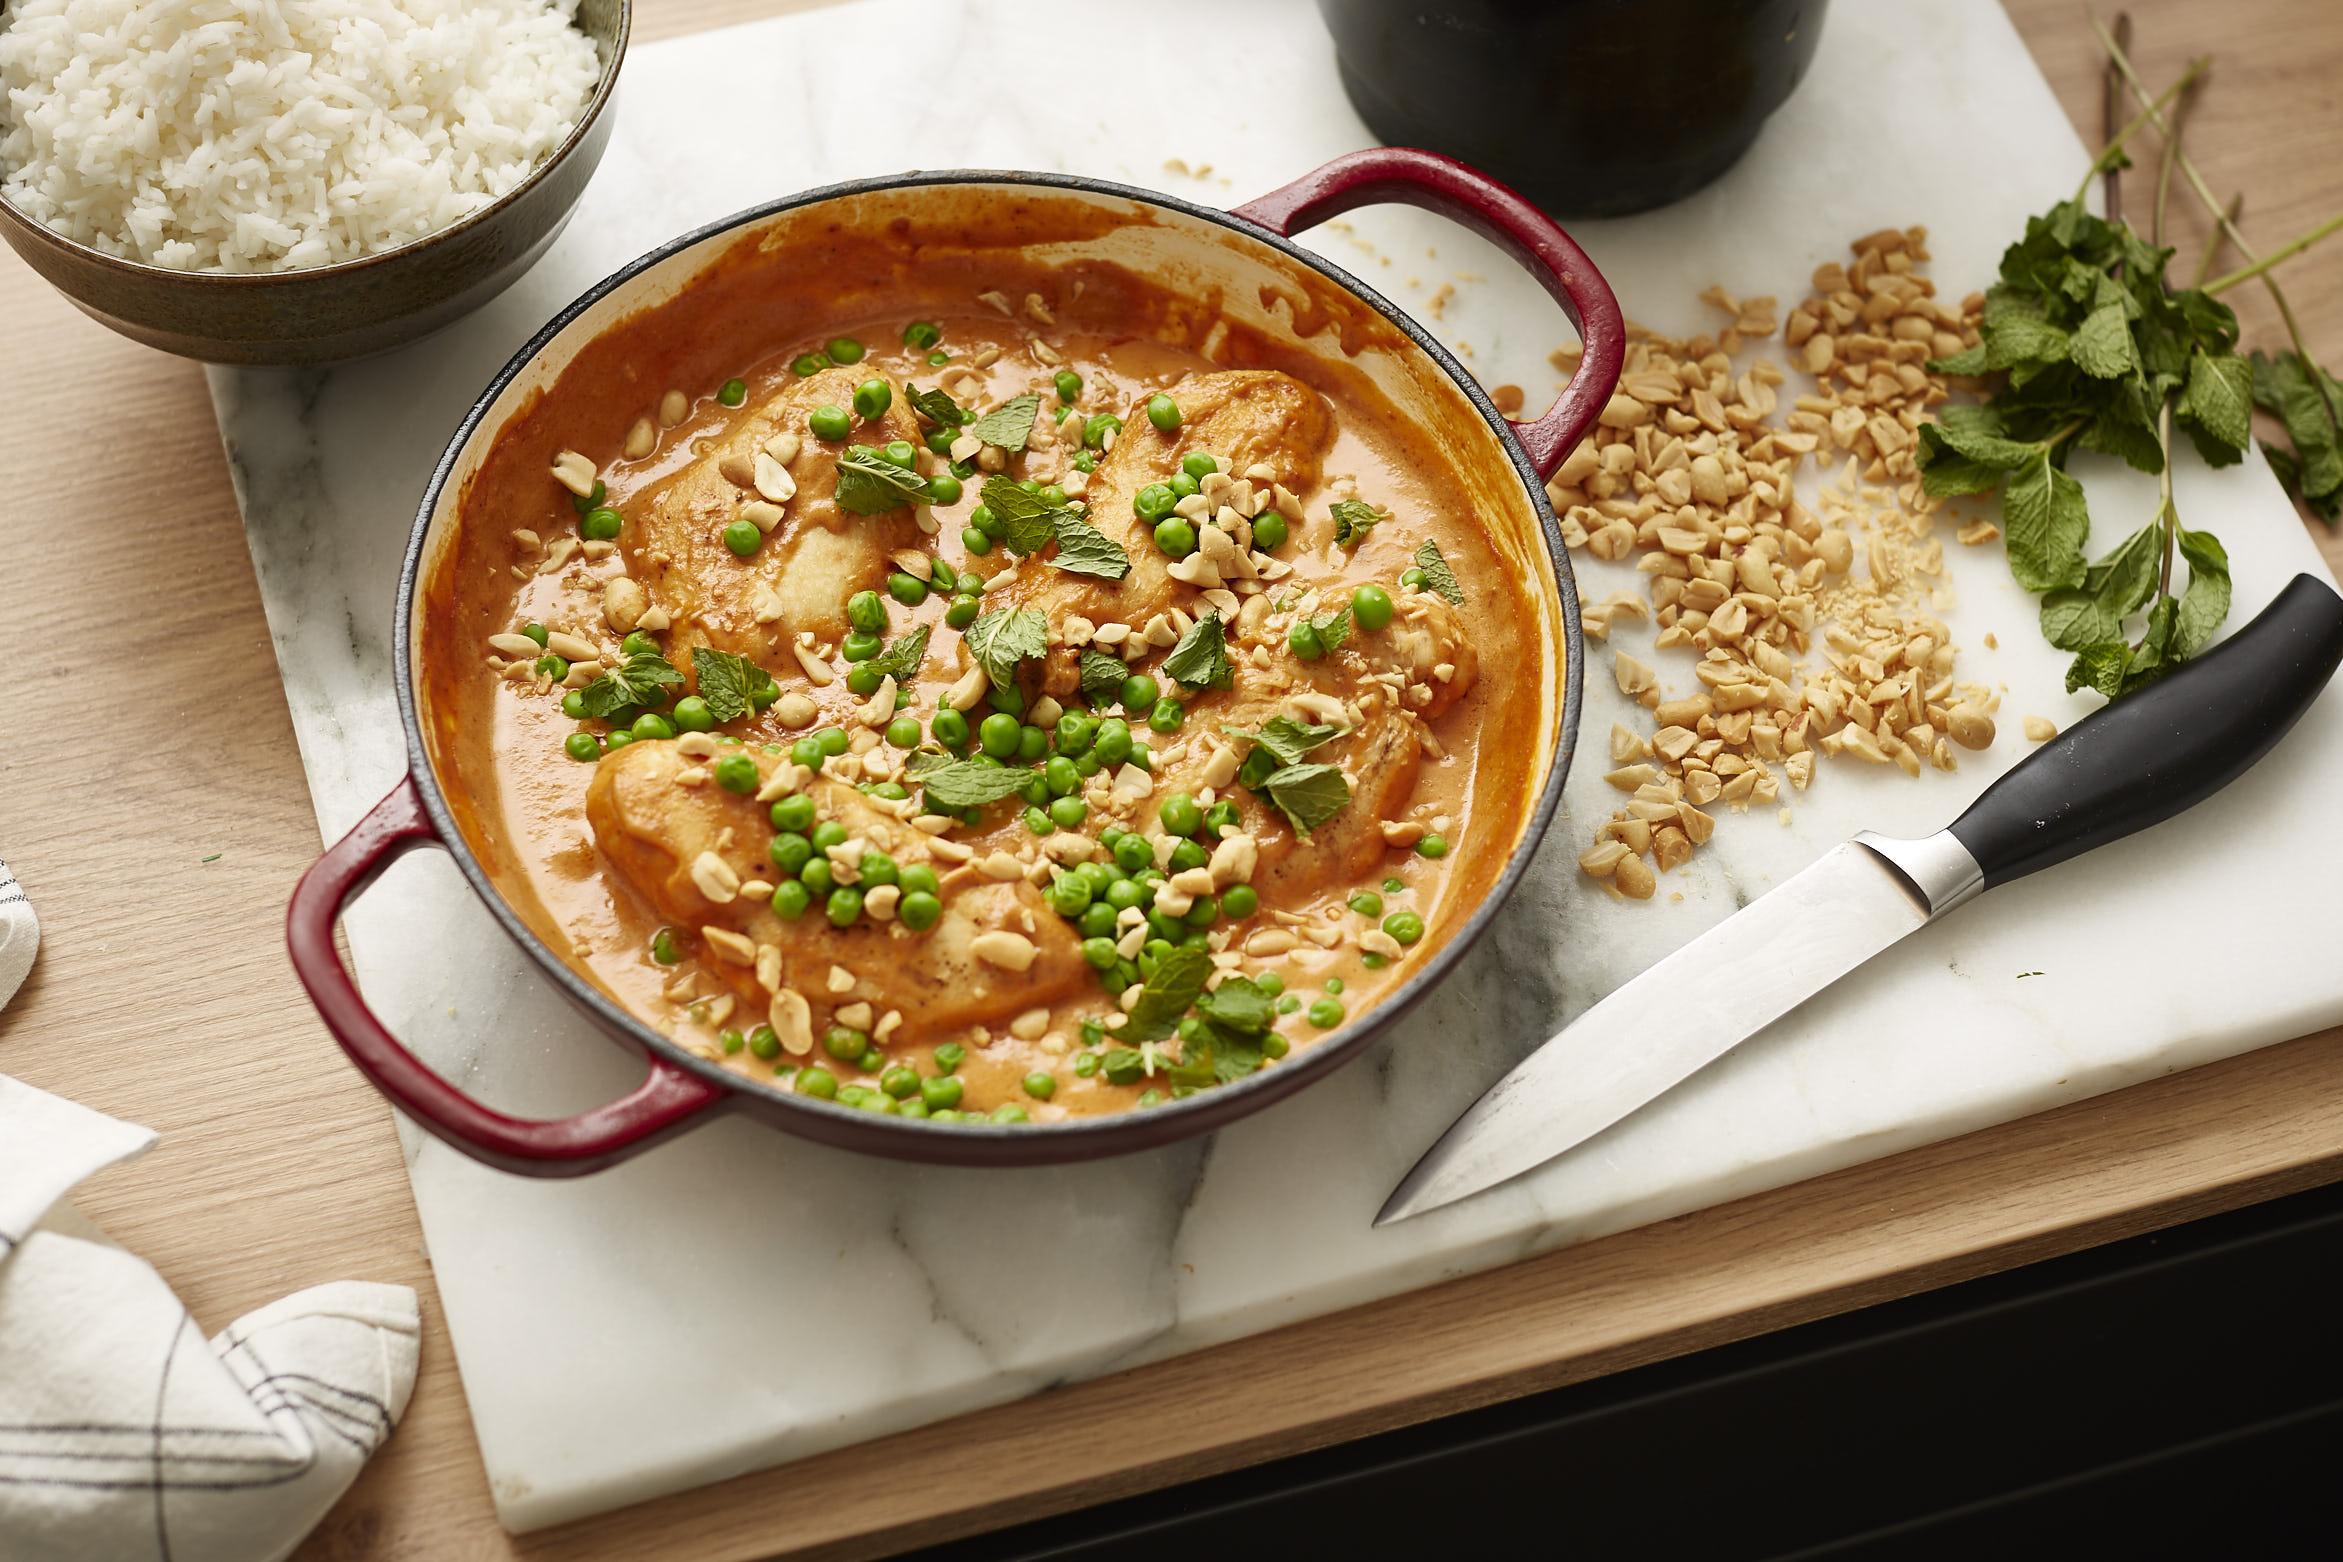 Schnelle Küche: Hühnchen in Erdnusssauce